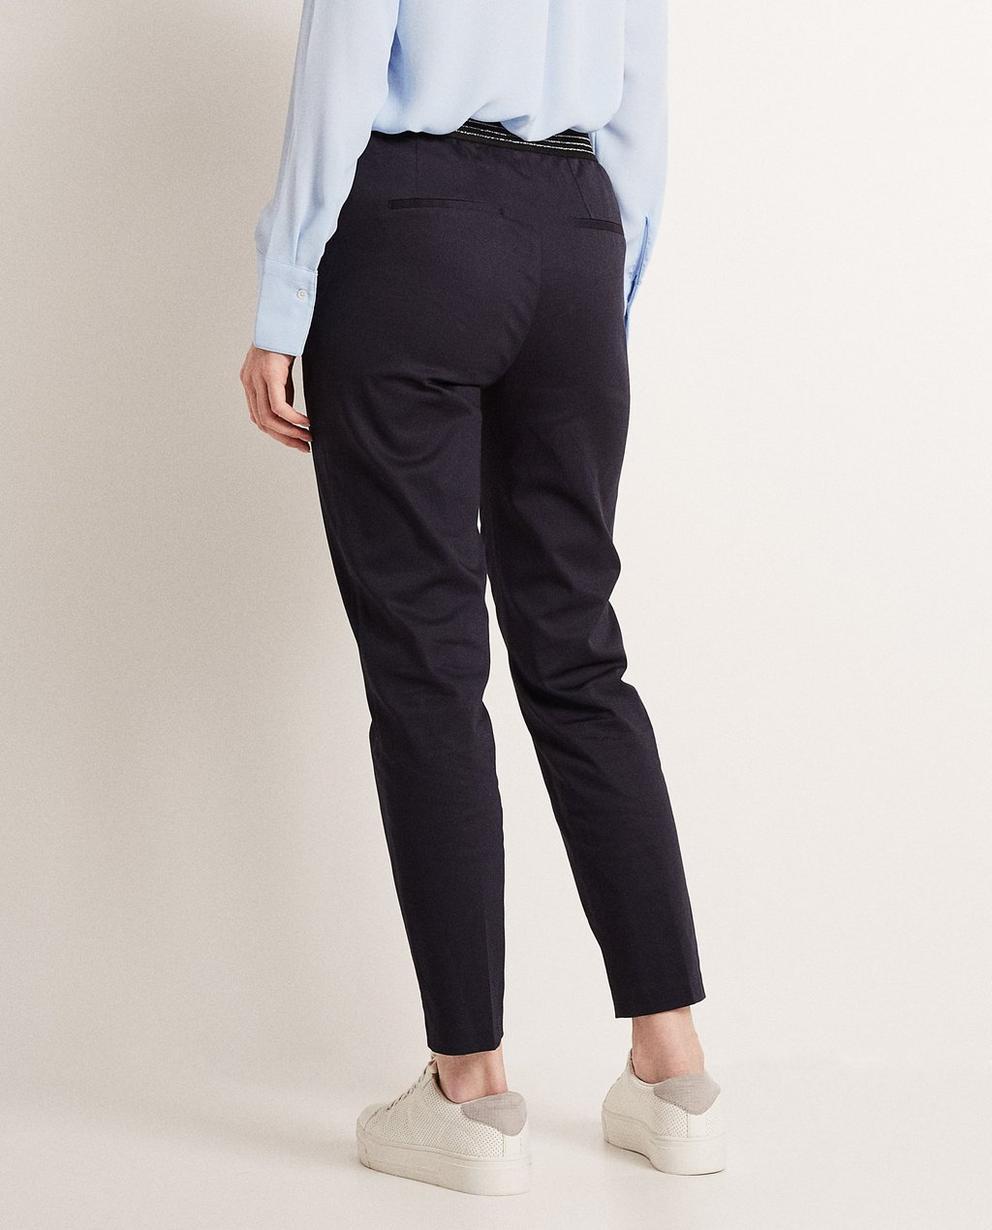 Pantalons - navy - Pantalon BCBG